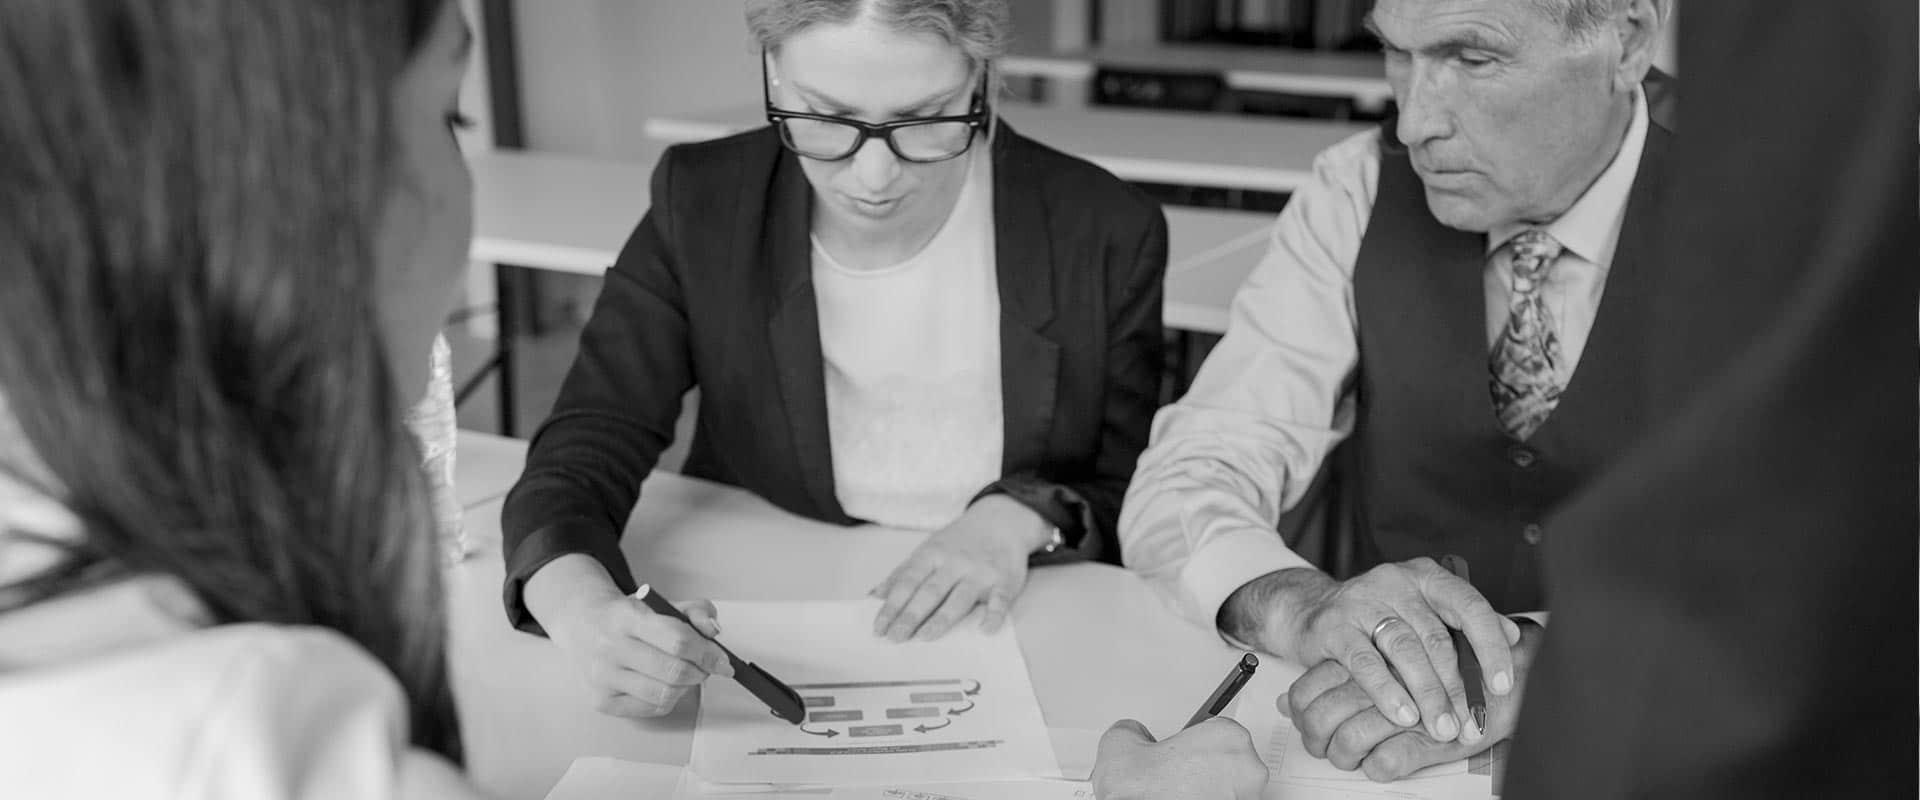 Immobilier d'entreprise et IFI : Une réponse ministérielle inquiétante